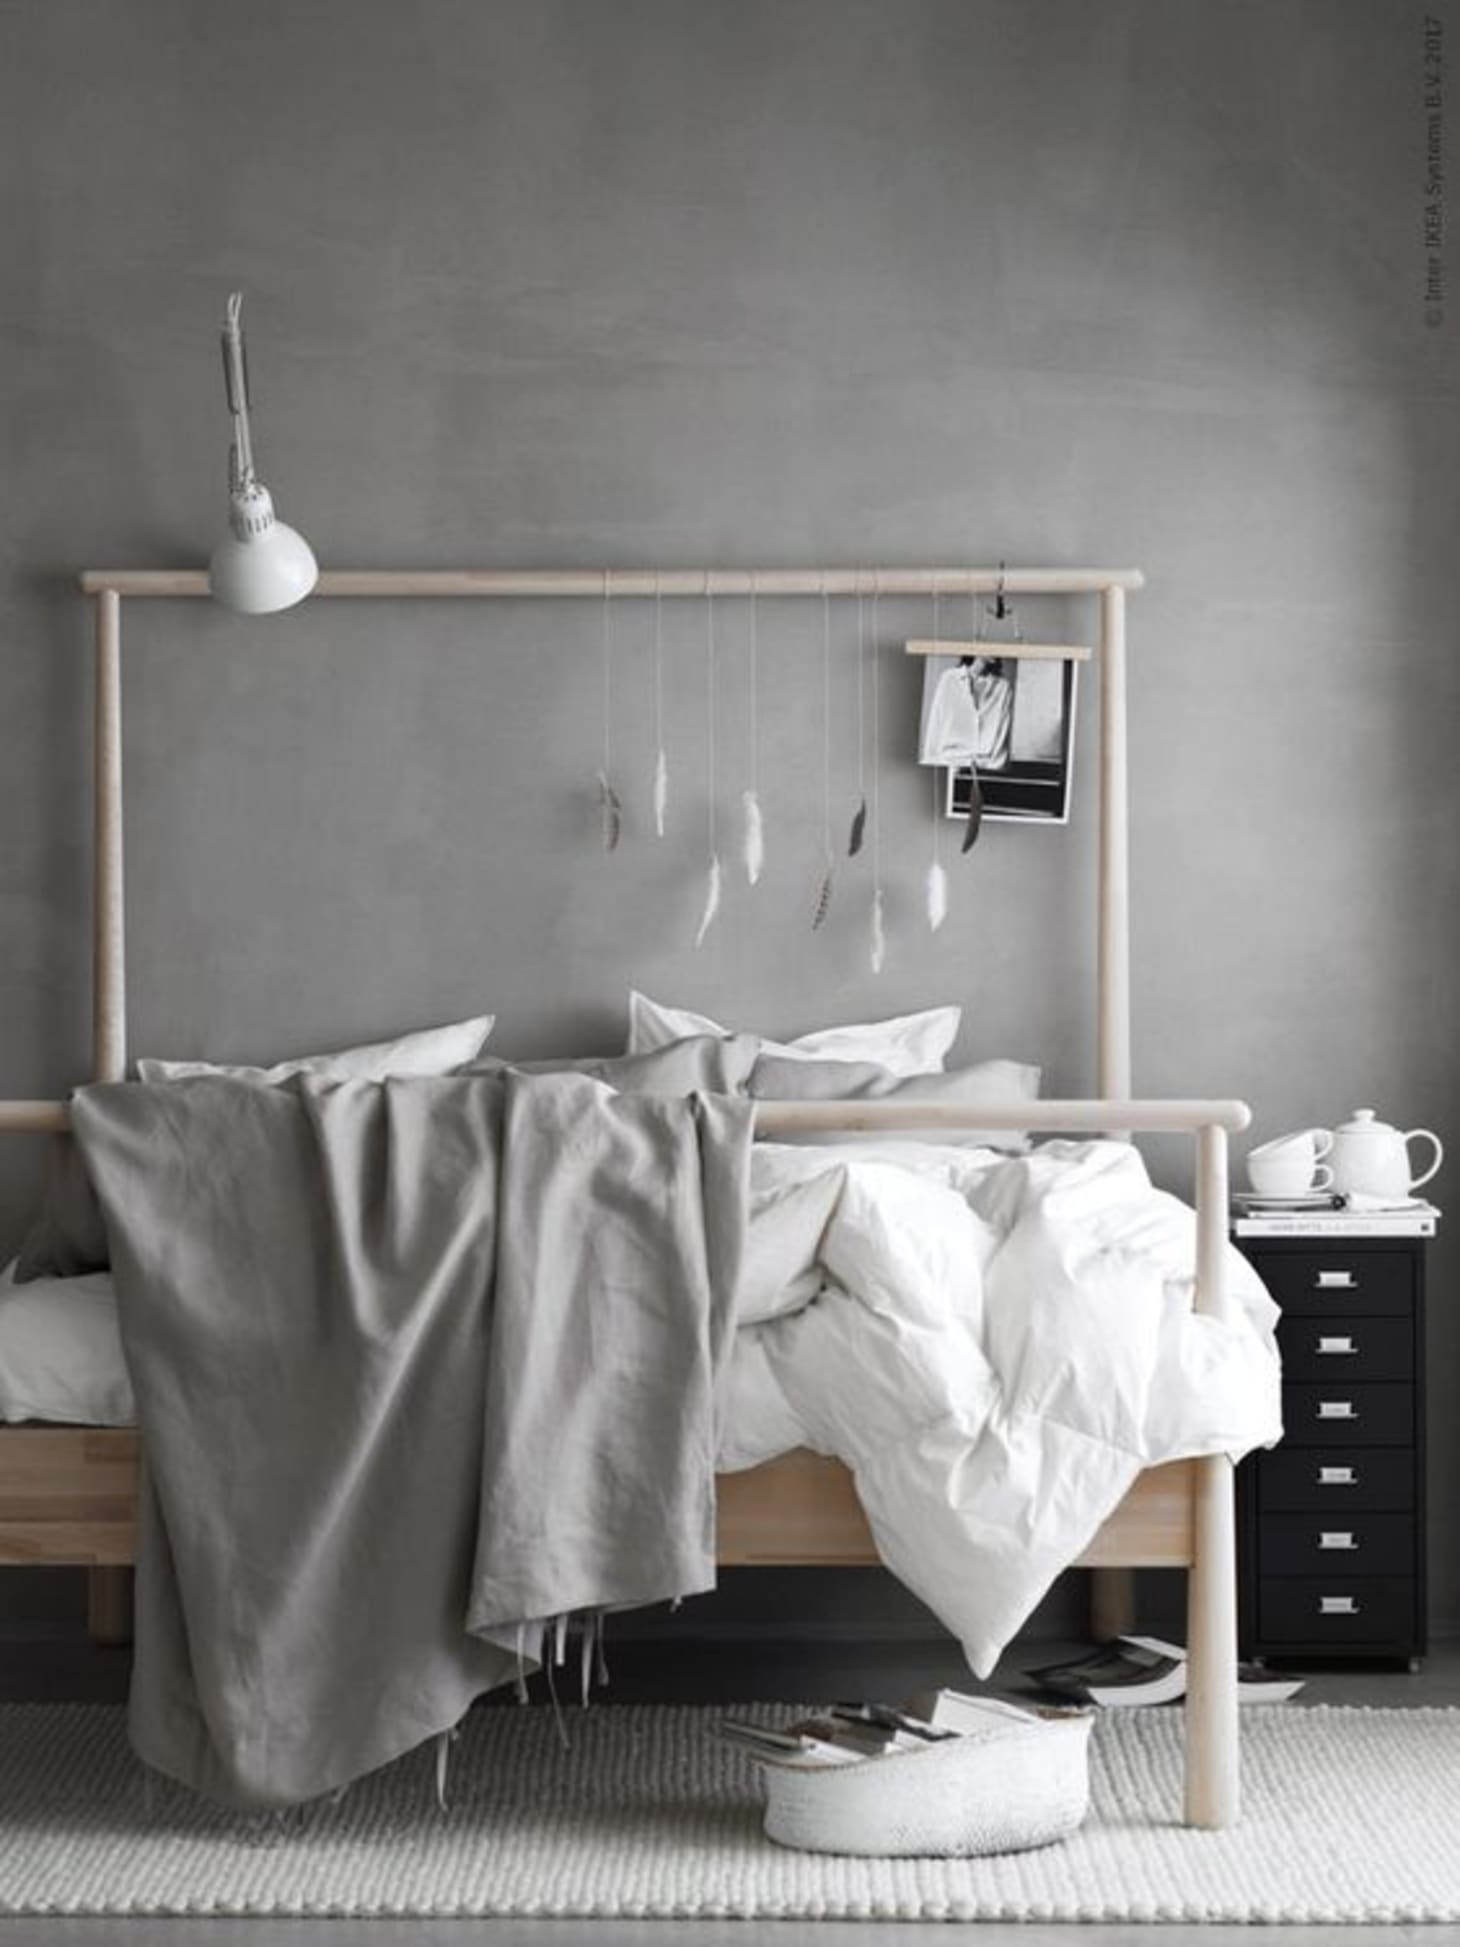 Minimalist Bedroom Ideas (That Aren't Boring) | Apartment ...